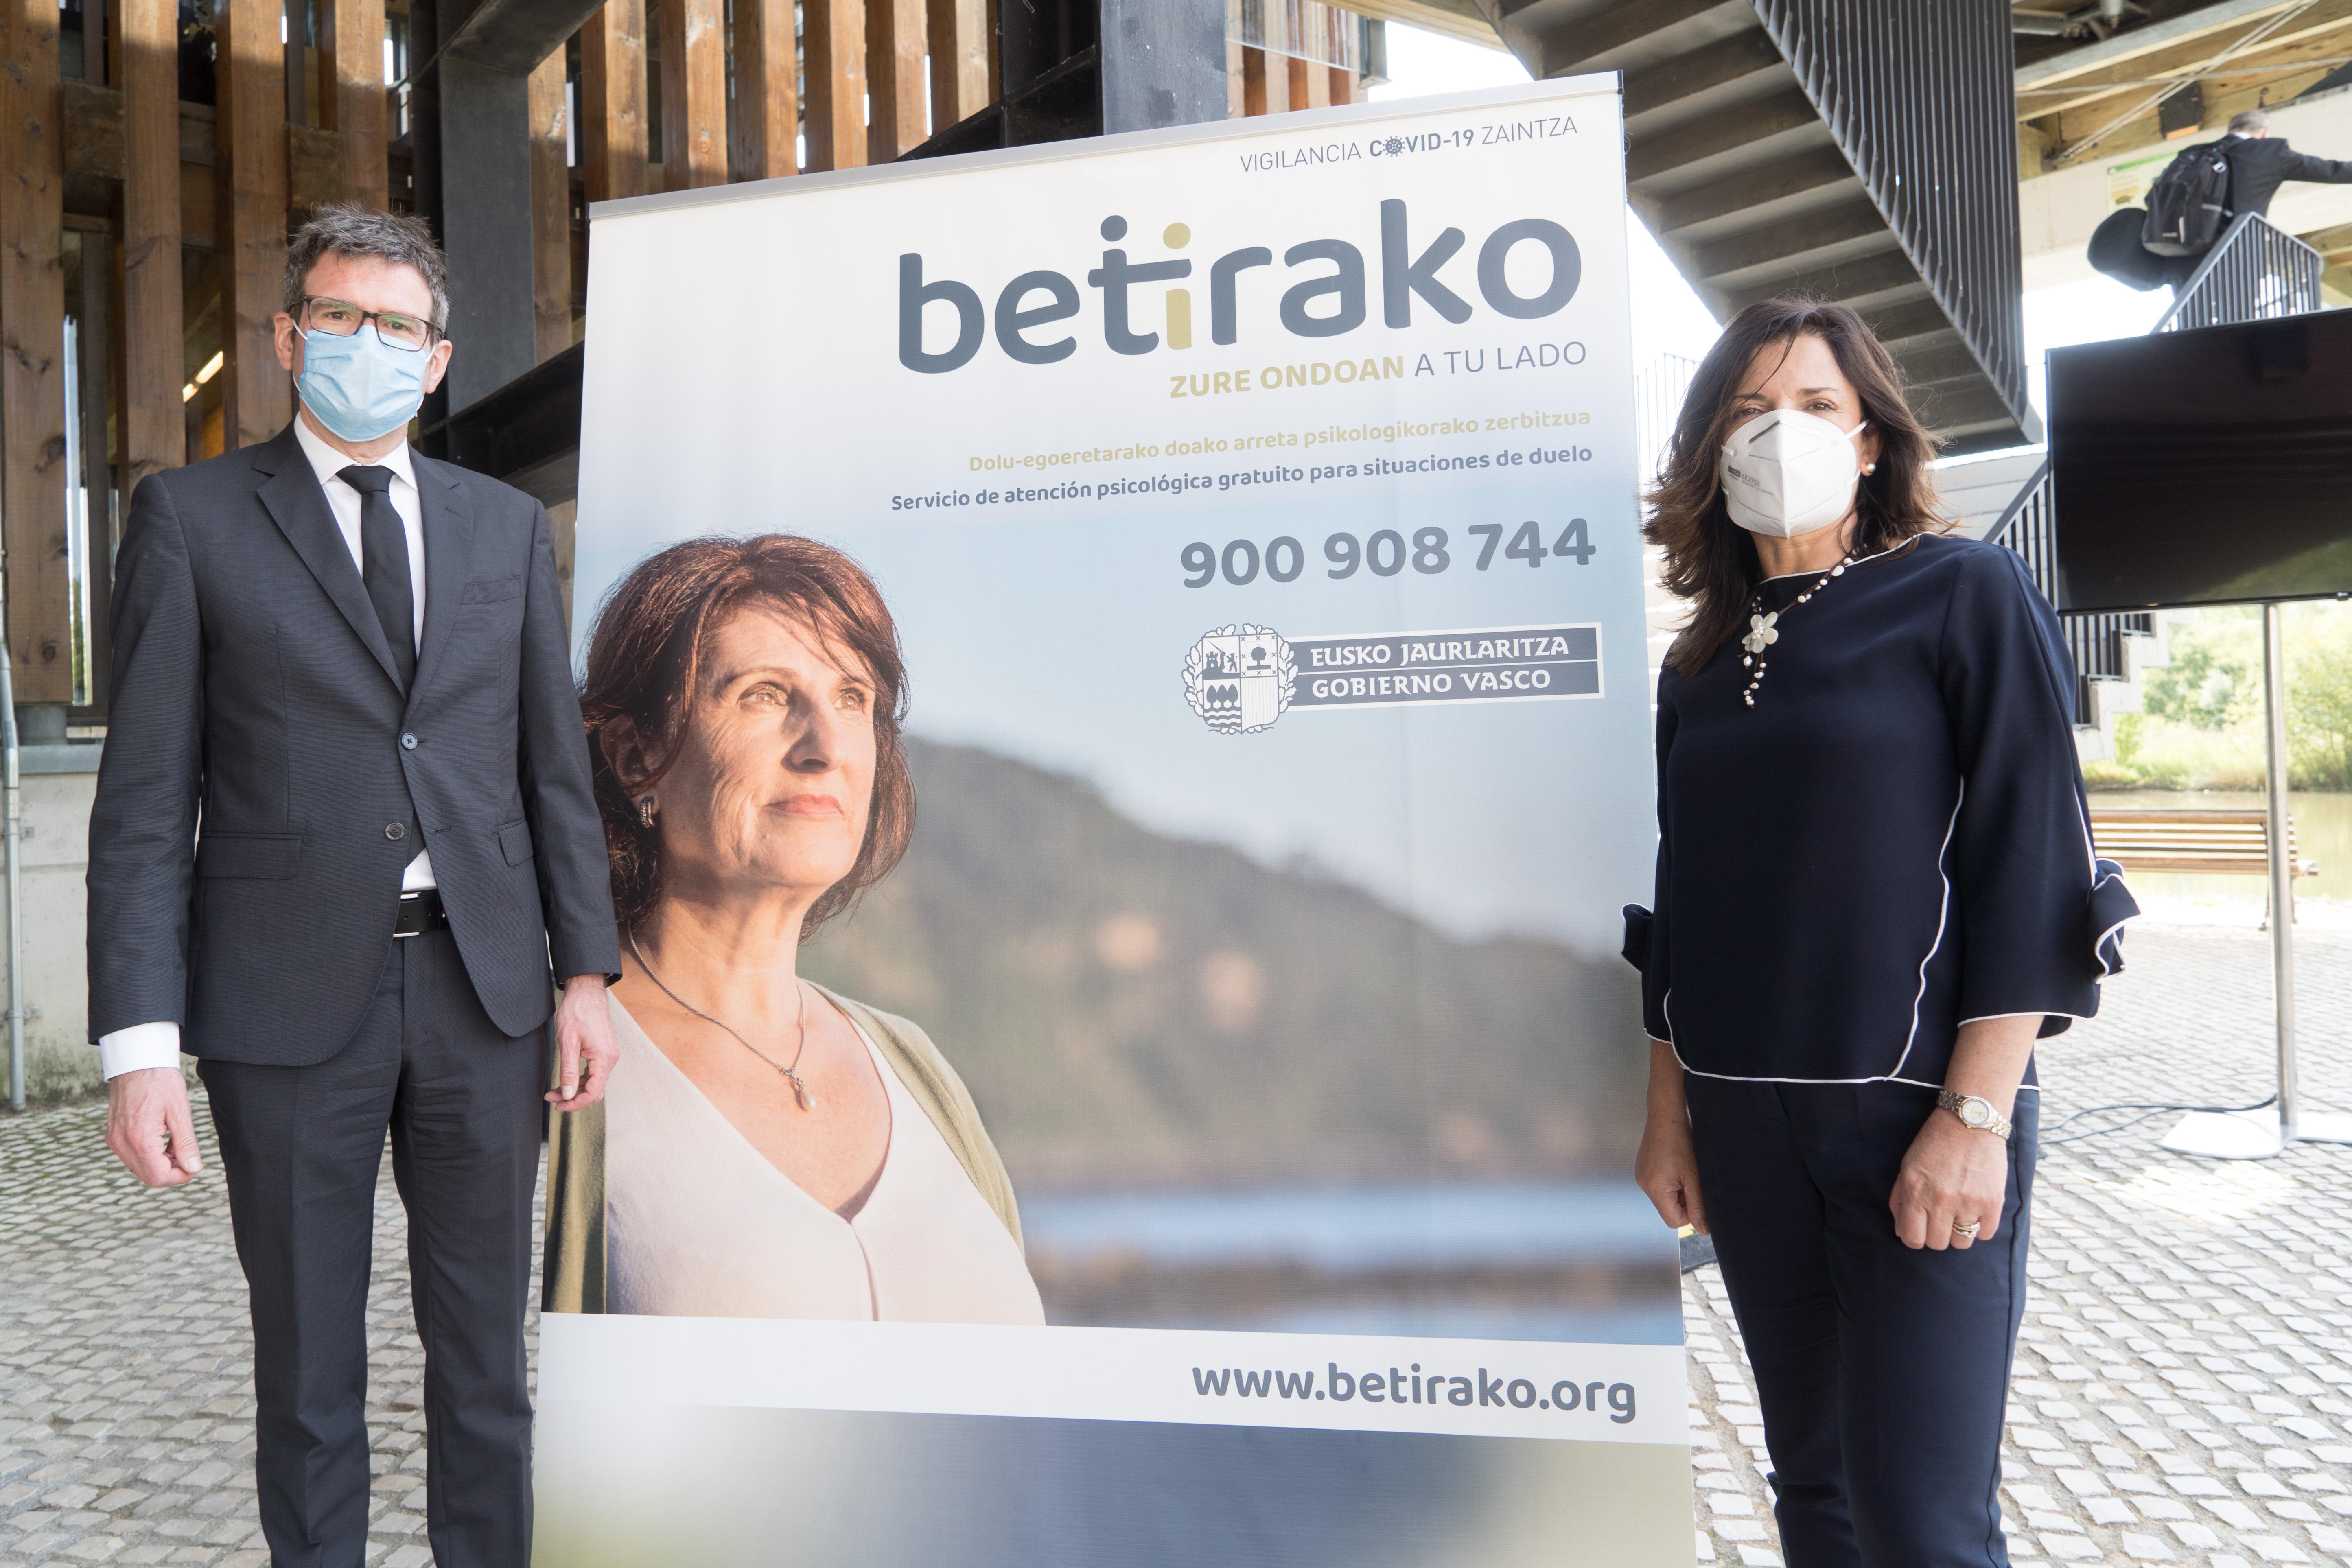 El Gobierno Vasco pone en marcha el programa Betirako, de atención al duelo para personas que han perdido a seres queridos por el covid-19